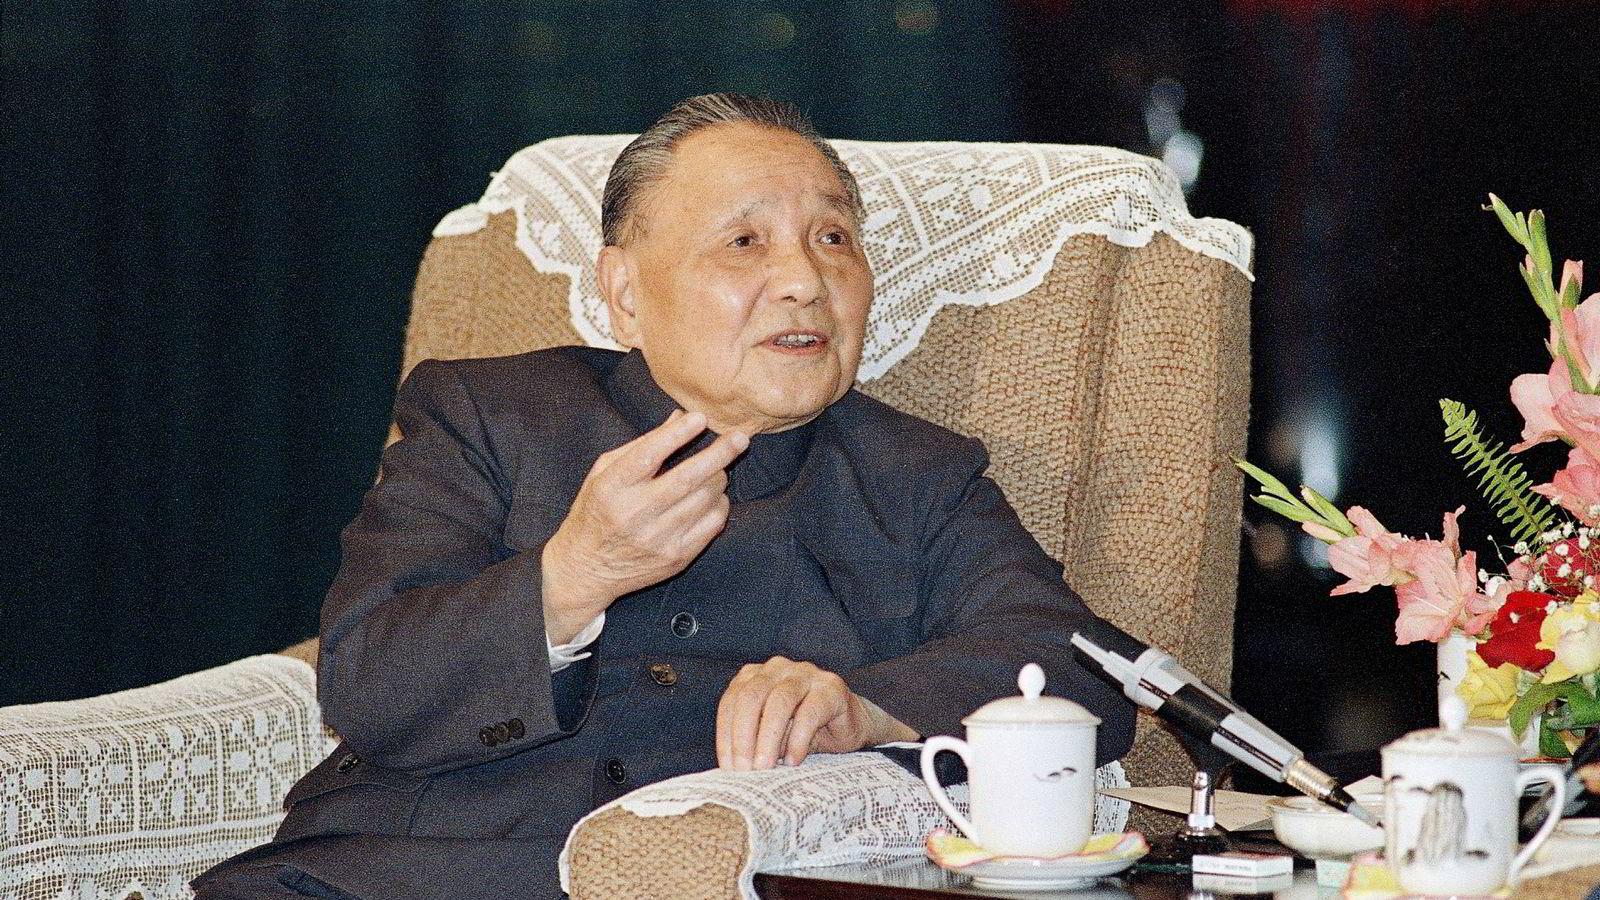 Deng Xiaoping var Kinas faktiske leder fra 1978 til han døde i 1997. De som tjente aller mest på måten den økonomiske liberaliseringen i Kina ble gjennomført på, var godt plasserte menn i kommunistpartiet, insiderne. I kommunistpartiet er derfor Deng betraktet som en stor leder og teoretiker. Foto: Mark Avery/AP/NTB Scanpix